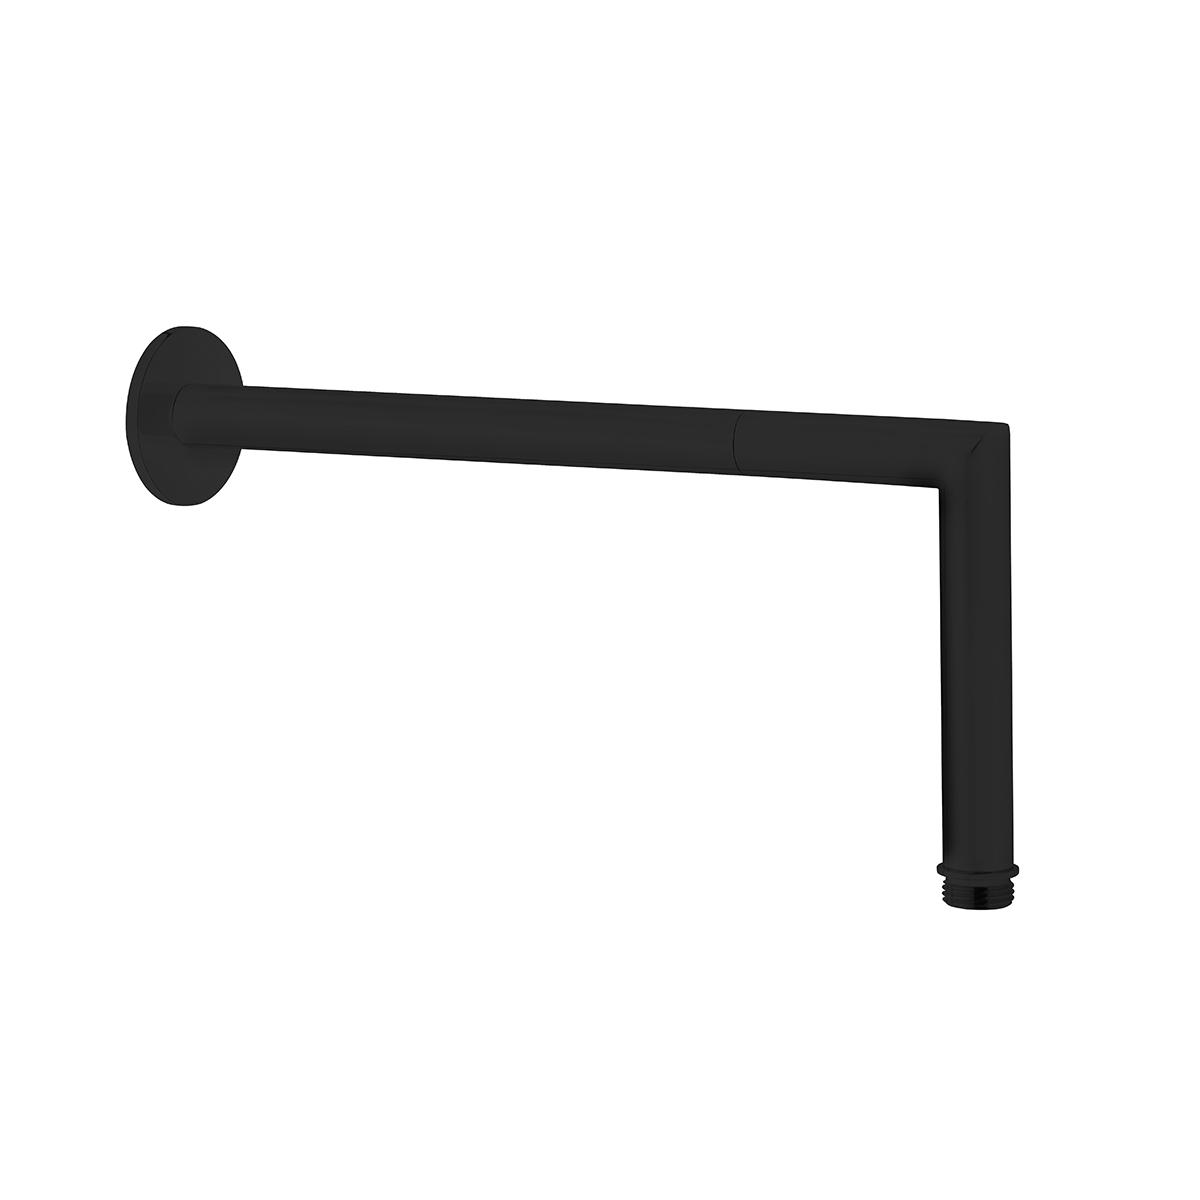 Origin Wandarm, 33,5 cm, 90°, Schwarz Matt